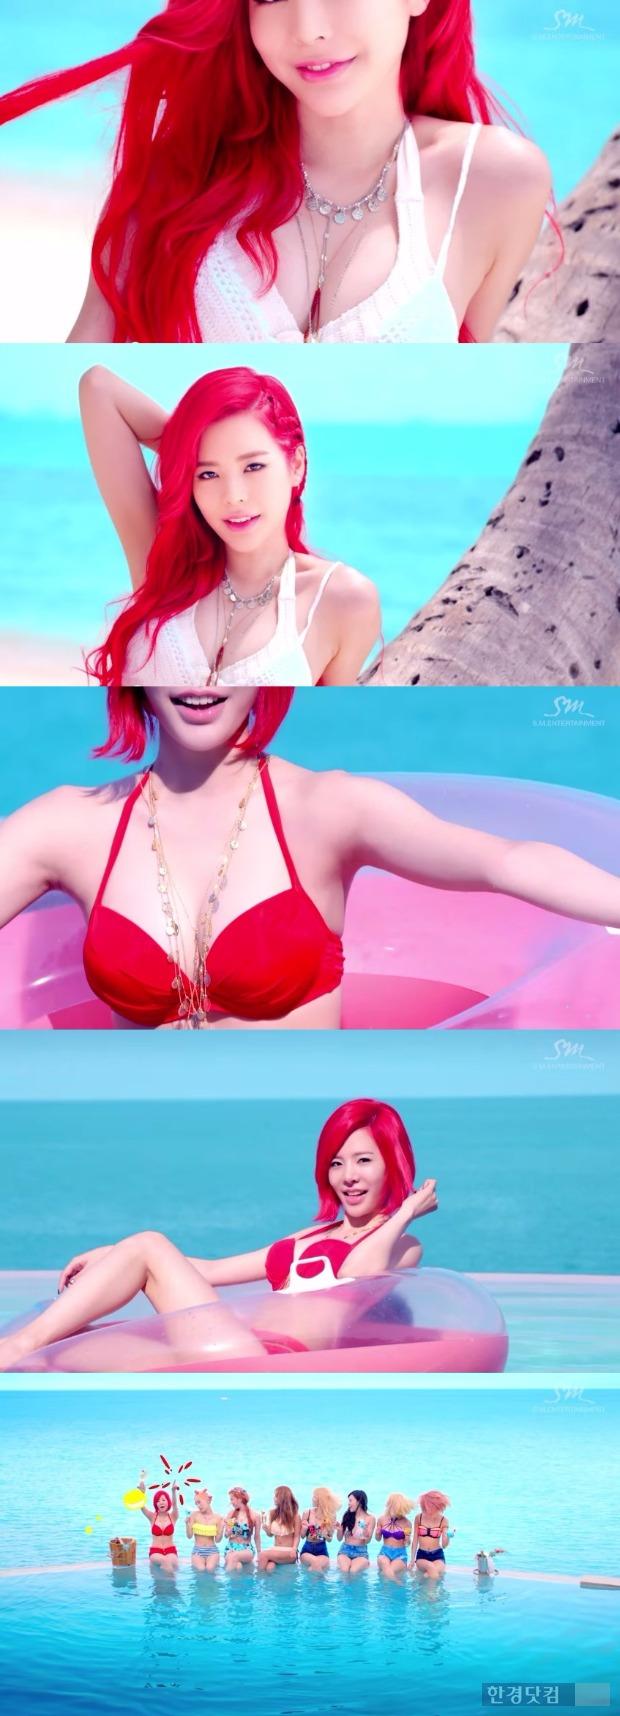 소녀시대 party / 소녀시대 party 사진=소녀시대 party mv 캡처